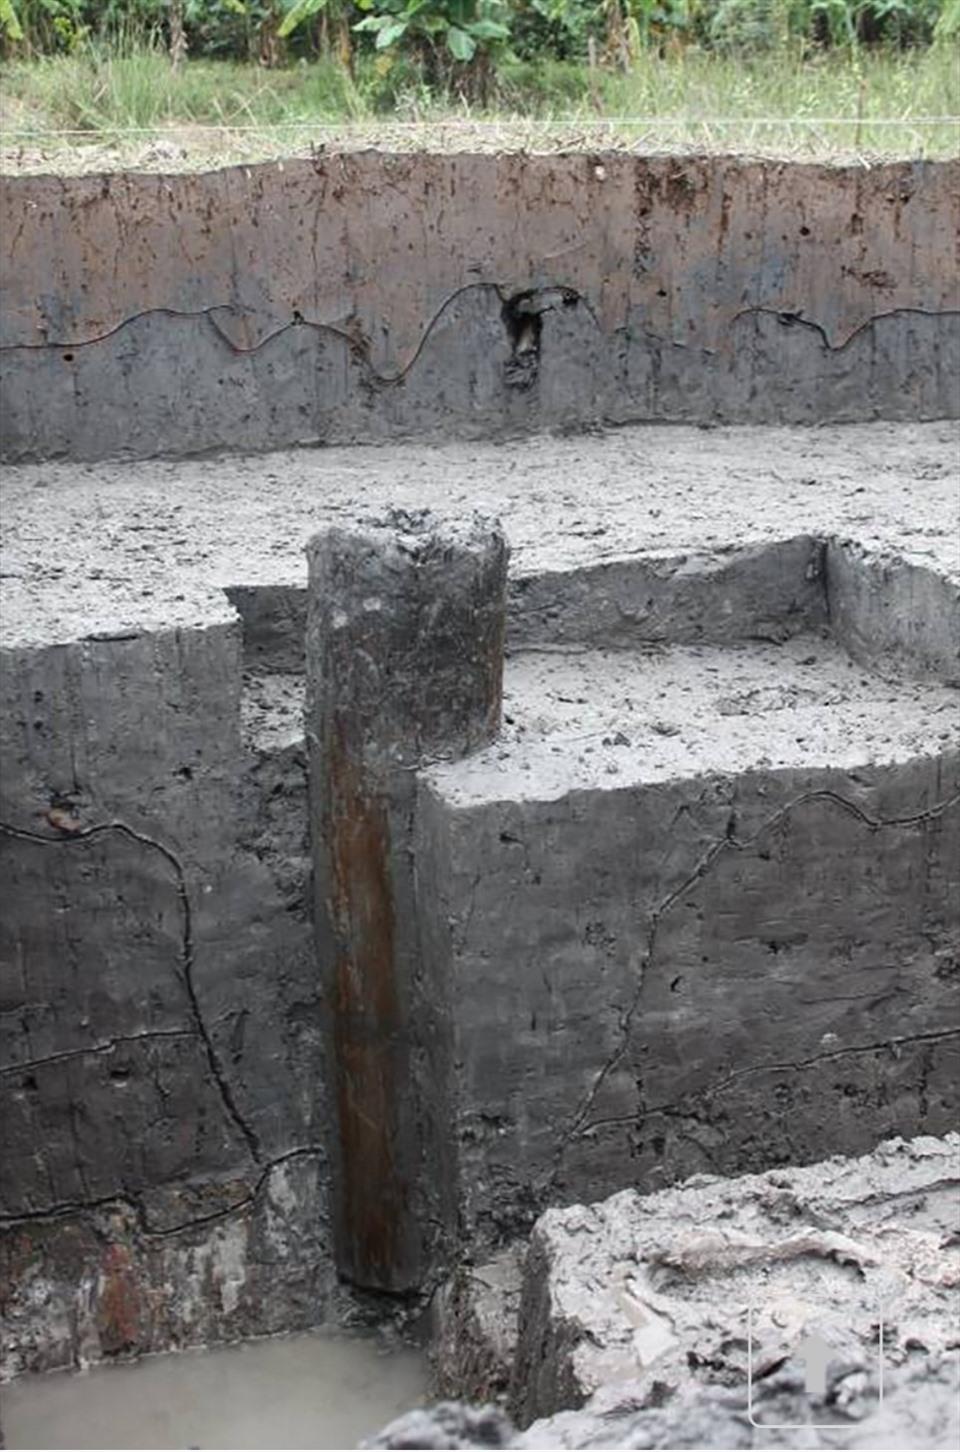 Một cây cọc cổ được khai quật tại đầm Lải, xã Yên Đức năm 2017. Ảnh tư liệu Bảo tàng Quảng Ninh